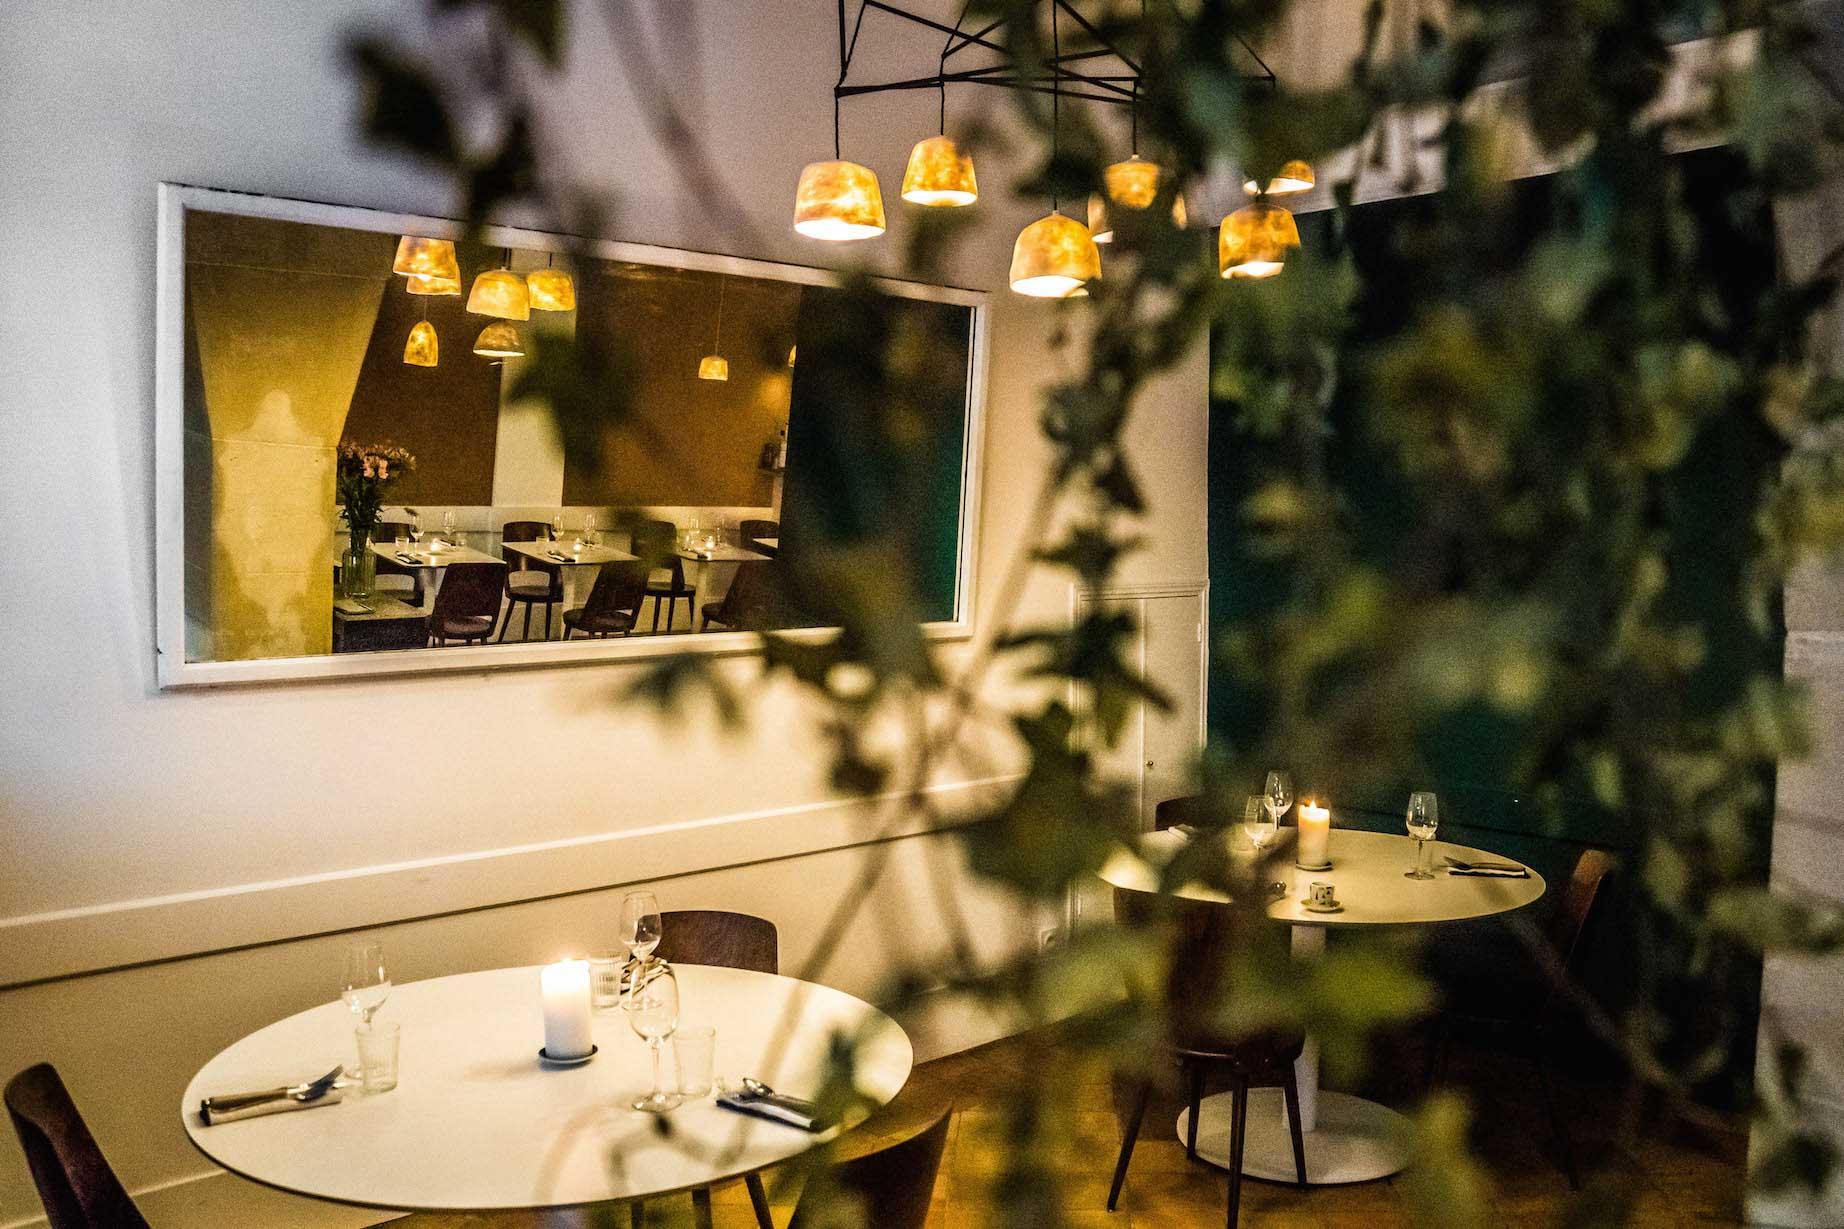 Les ouvertures de bistrots à Paris se suivent sans se ressembler. Le preuve avec l'ouverture récente d'Orties dans le 9ème arrondissement, une adresse écolo-gourmande enthousiasmante, emmenée par un chef autodidacte talentueux.